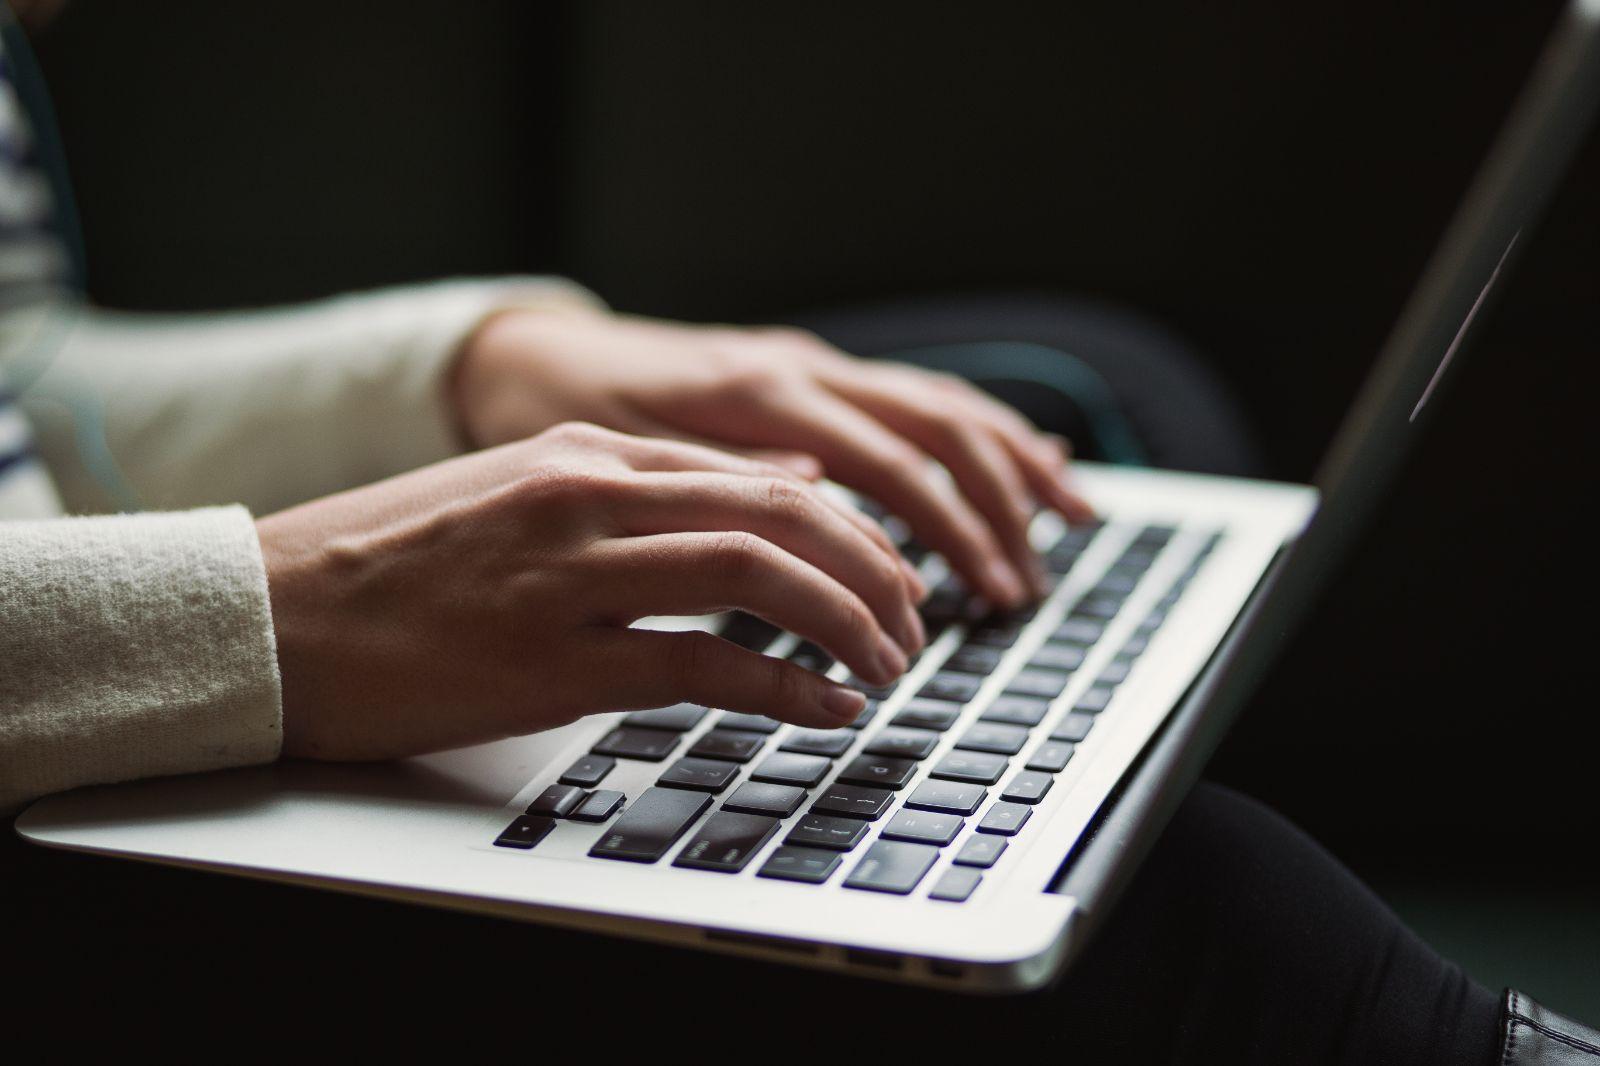 В рамках договорной работы проверяем и при необходимости разрабатываем договора аренды, хозяйственные договора, нотариальные и учредительные документы, необходимые Заказчику для совершения сделок. Возможна проверка договора в онлайн режиме, через Skype или Whatsapp.